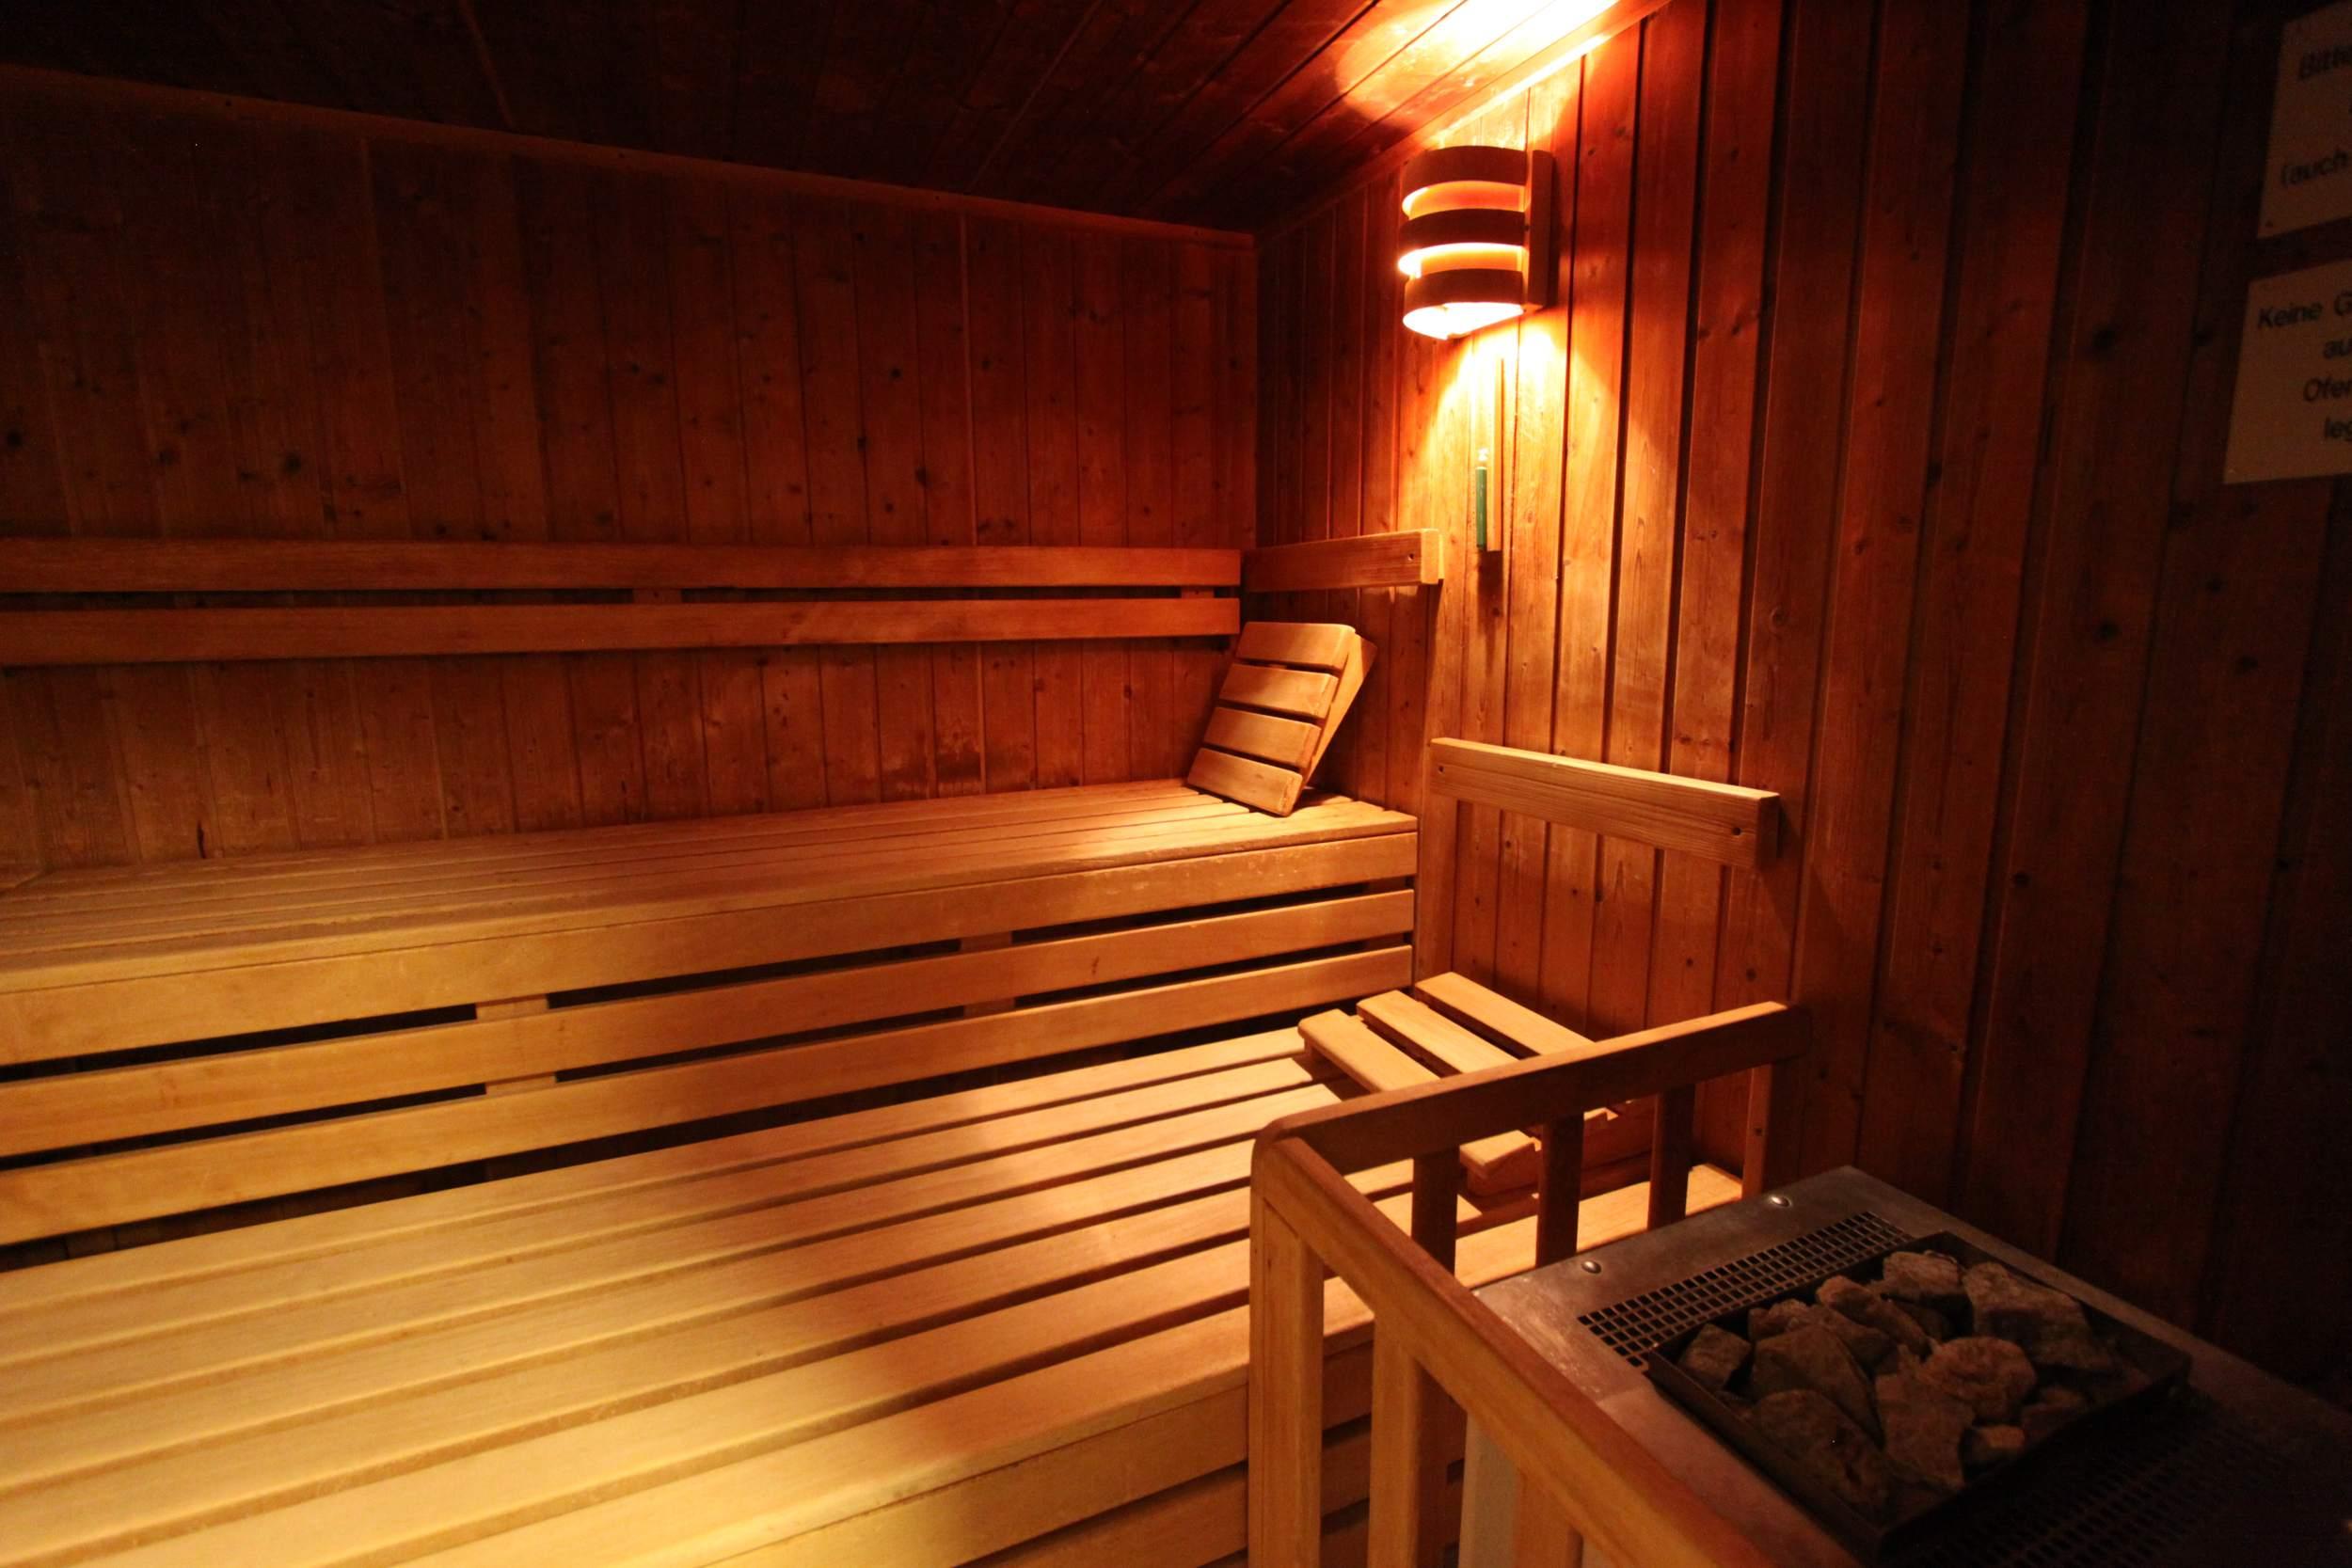 Ferienwohnung Riefenbach in Bad Harzburg - Sauna